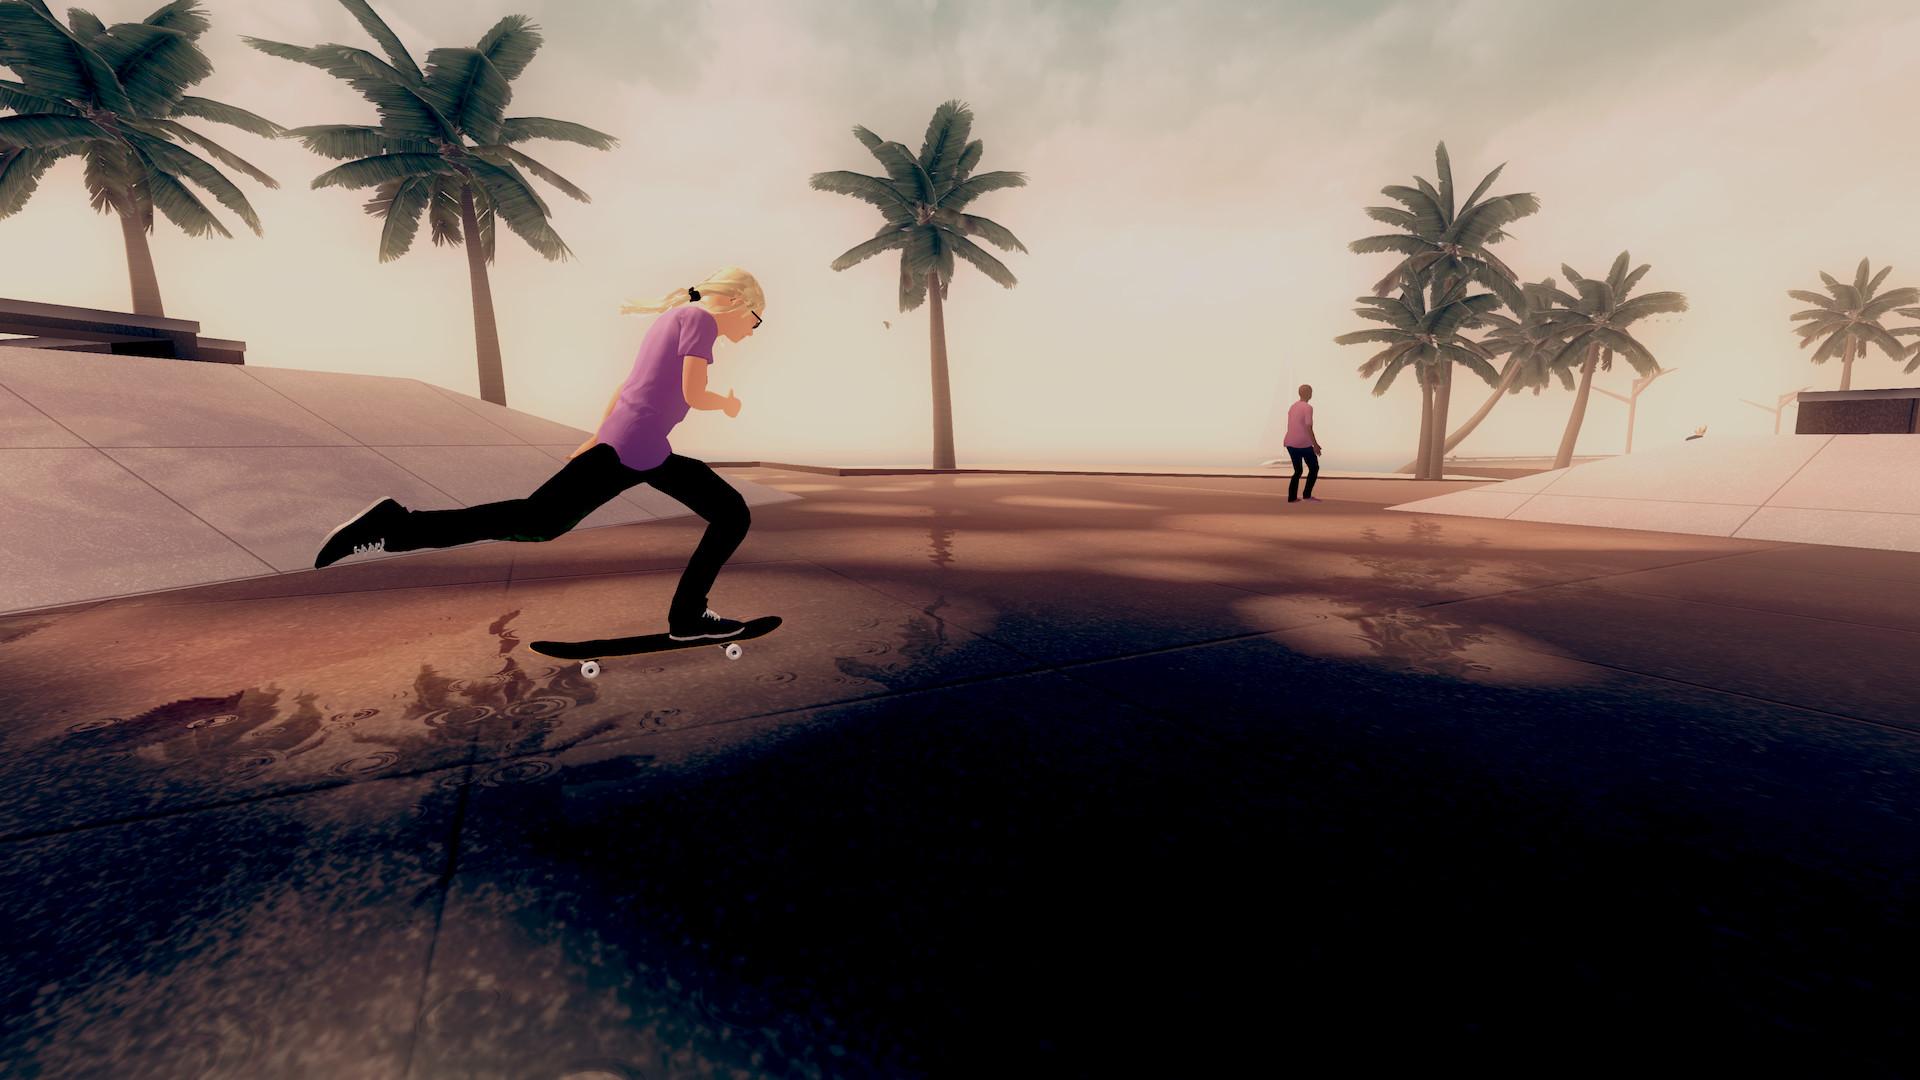 《滑板都市》即将登陆PC/PS4/NS/Xbox One 支持简中